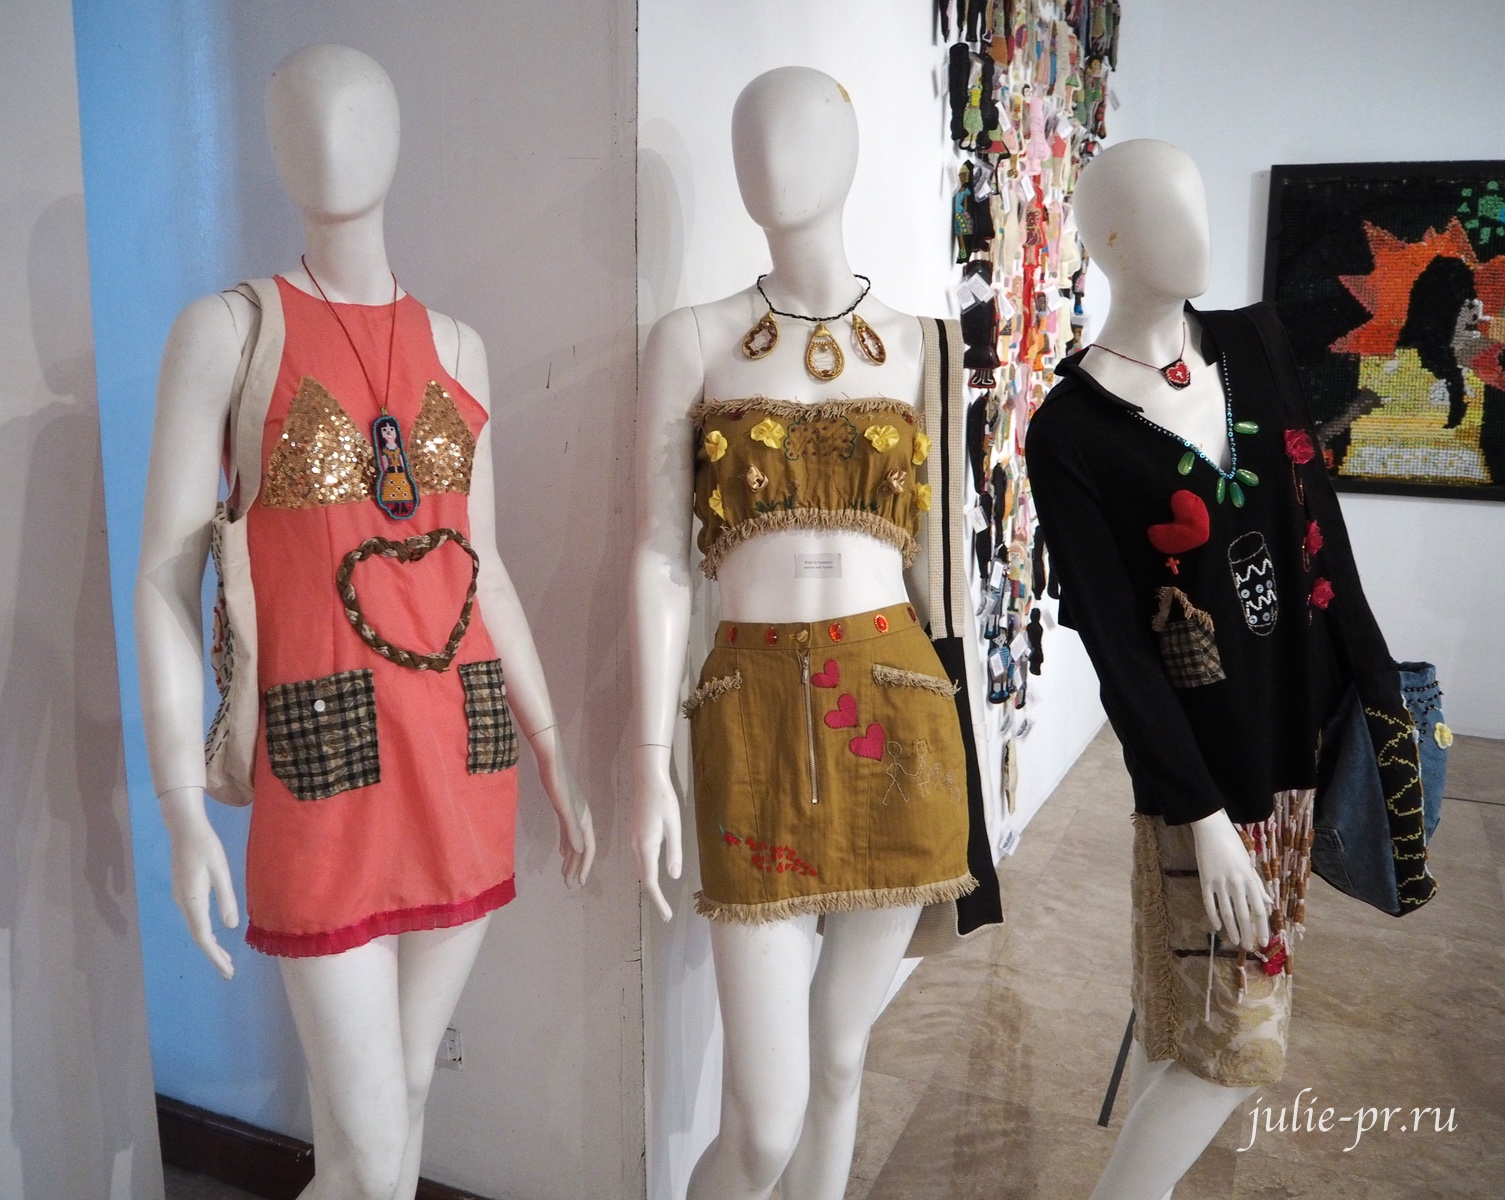 выставка, Bayaning Inday, вышивка, Филиппины, Манила